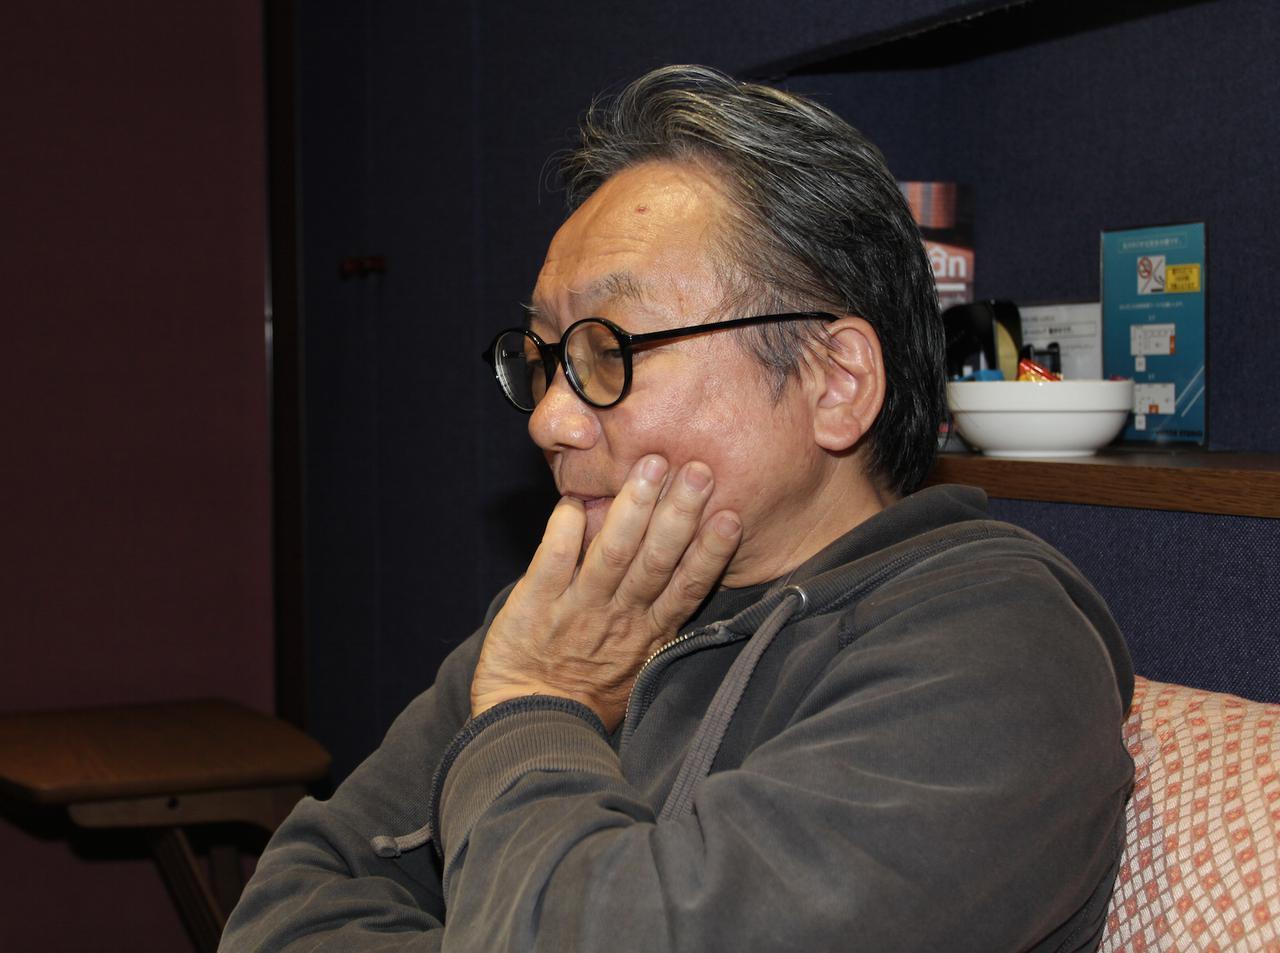 画像: 監修は歌謡曲にも造詣の深い音楽評論家・湯浅 学氏